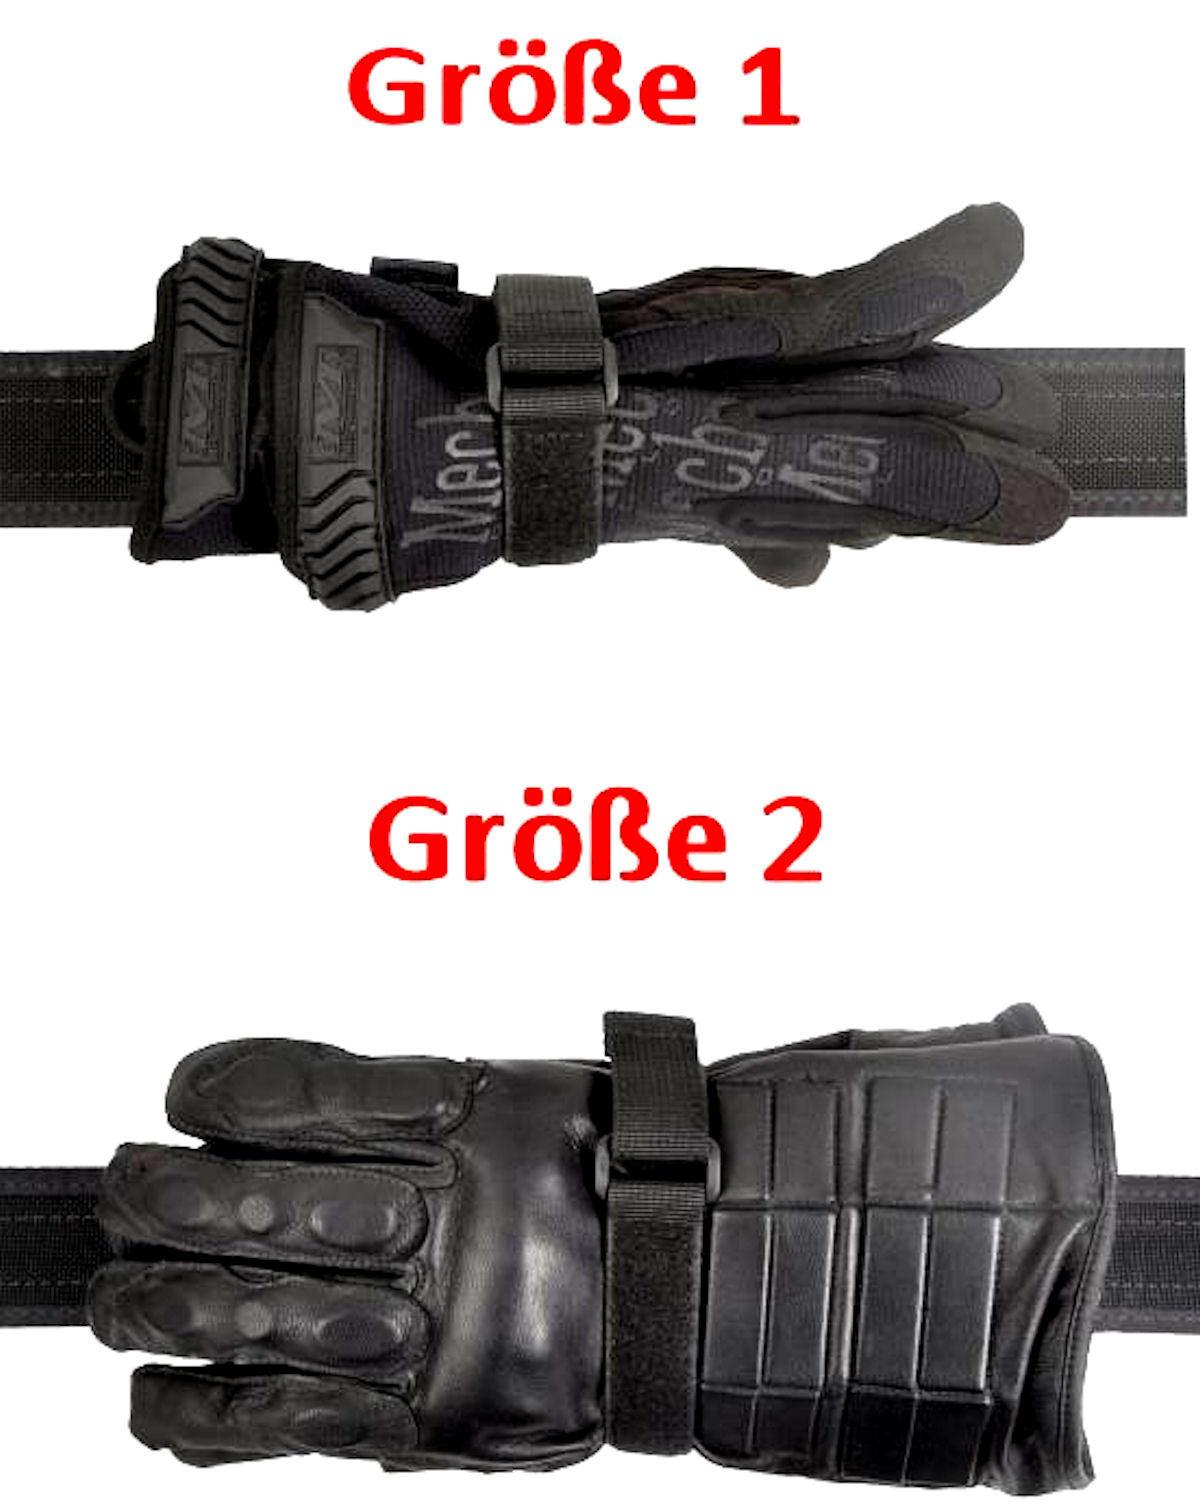 COP Polizei Security Handschuhhalter variabel Halter Gürtelhalter für Handschuhe